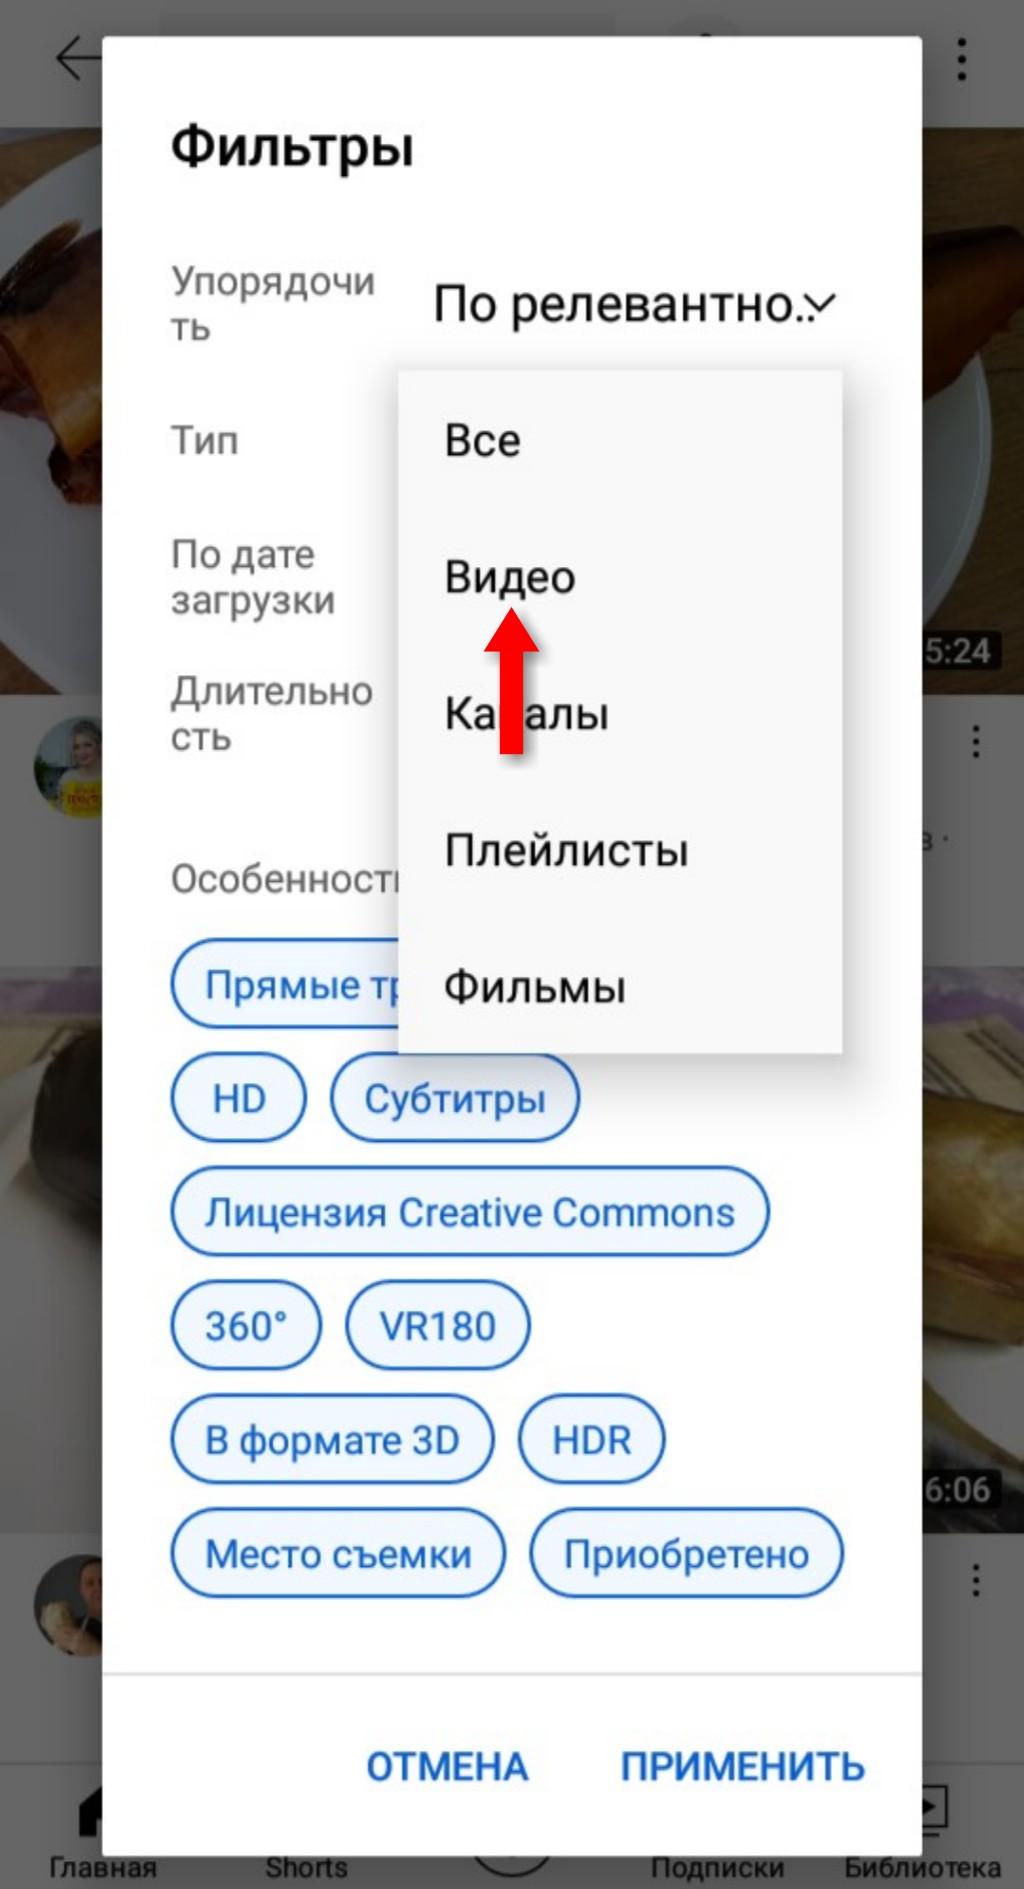 InFrame_1628010467130.jpg